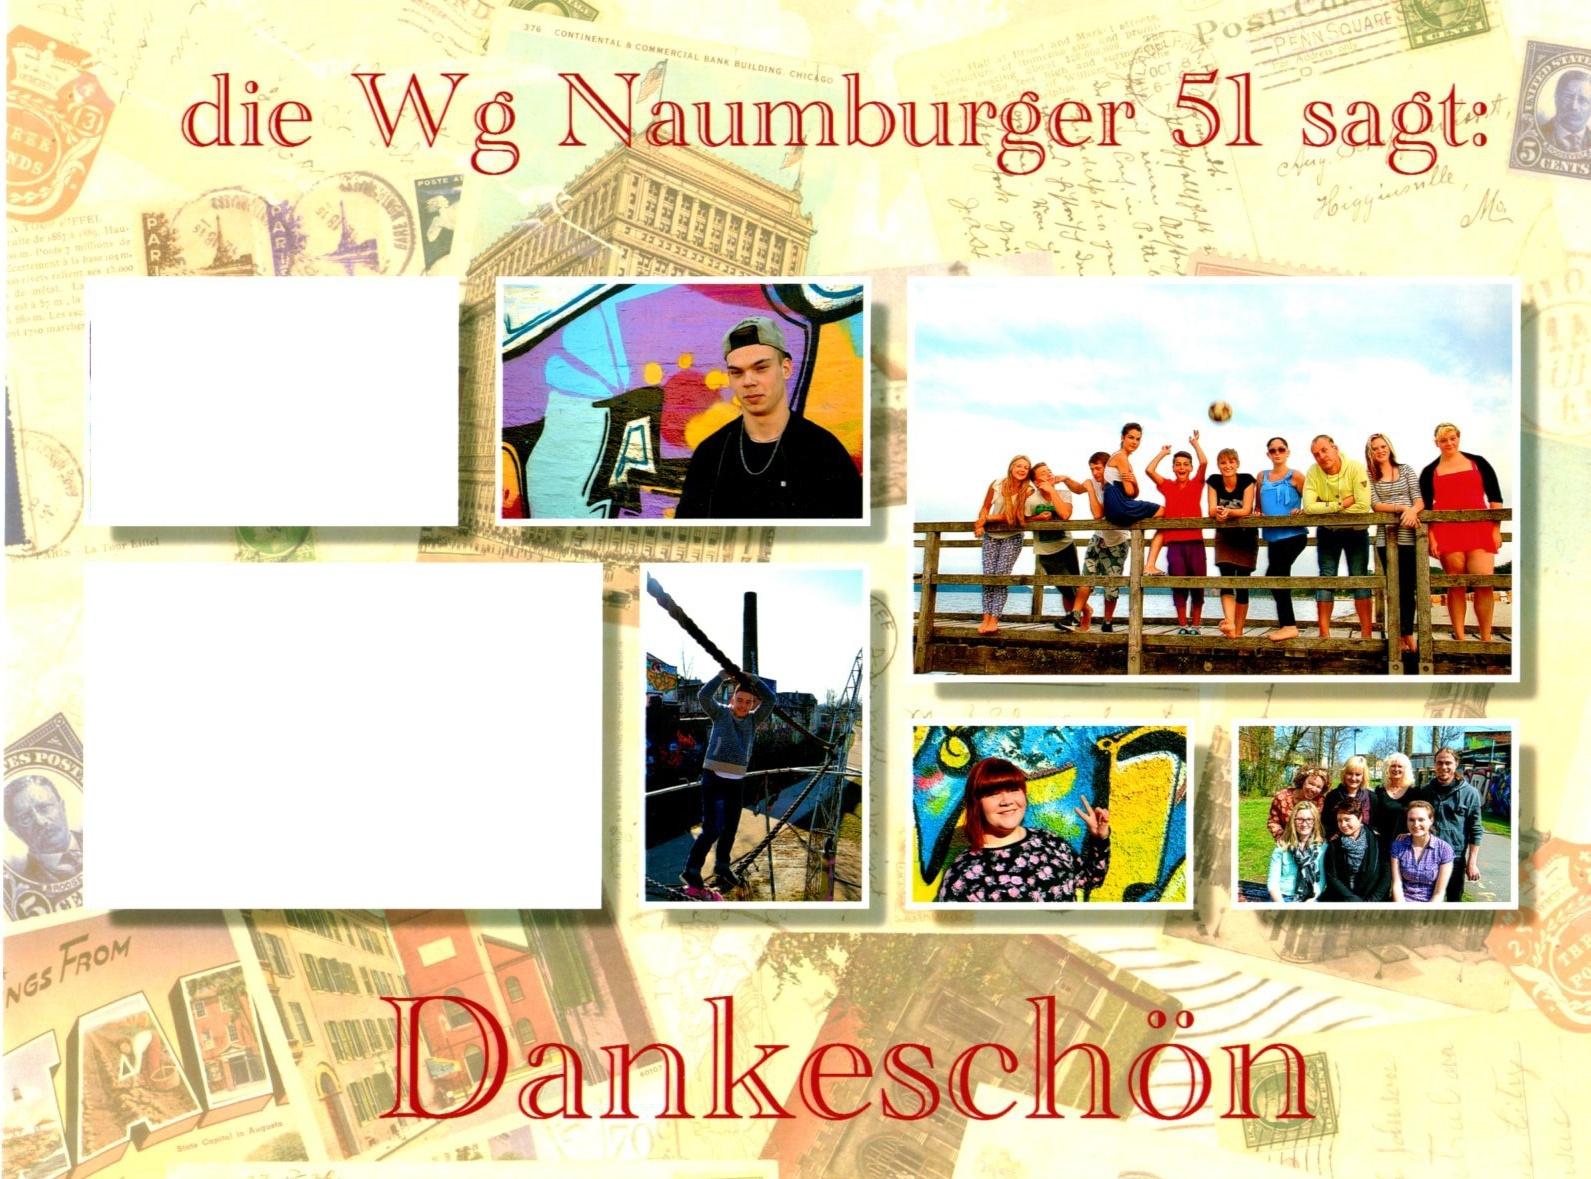 Die WG Naumburger 51 bedankt sich